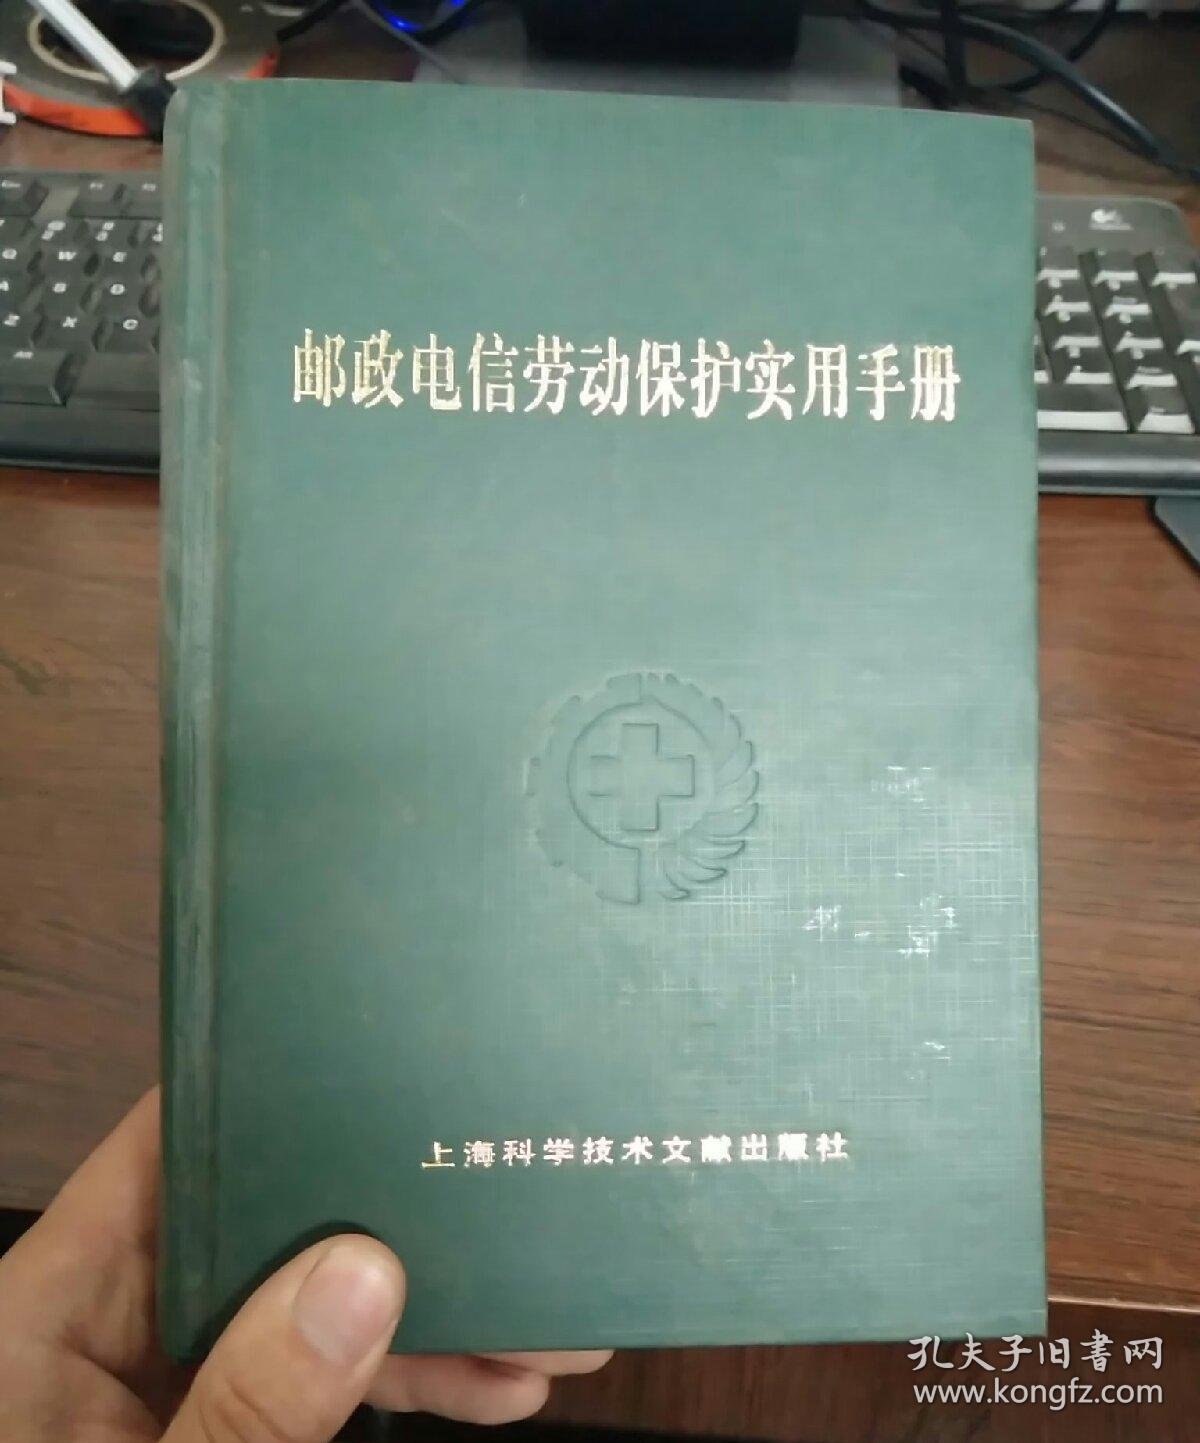 邮政电信劳动保护实用手册